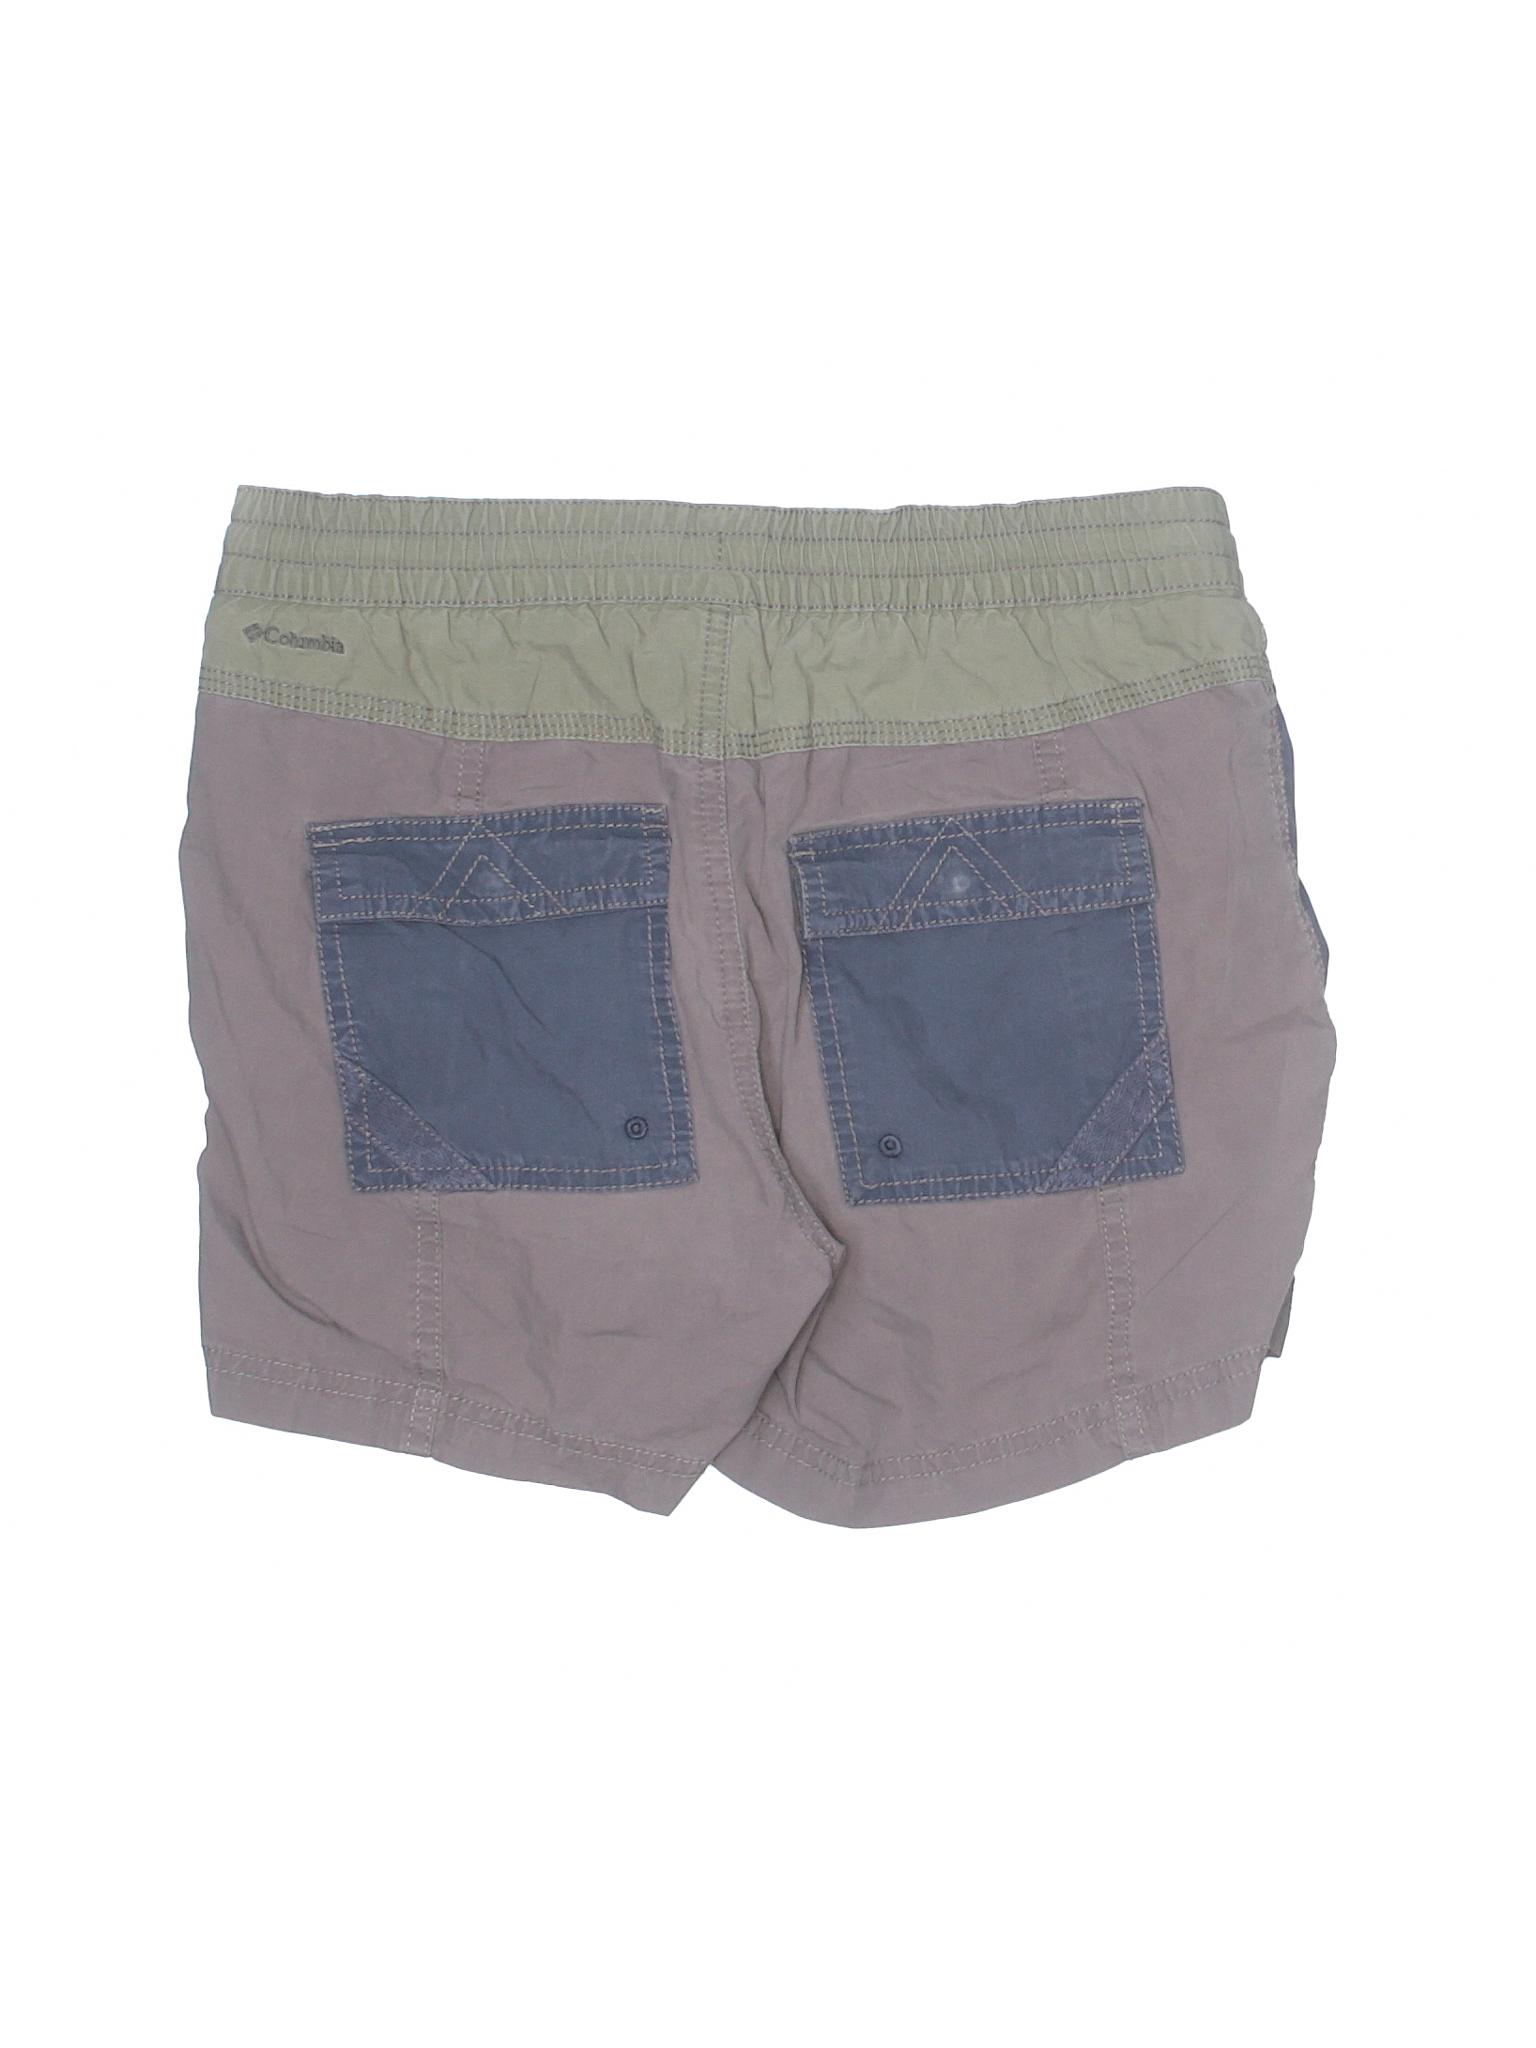 Boutique leisure Boutique Boutique leisure Columbia Shorts leisure Shorts Columbia Columbia Shorts qRIaBpaZ